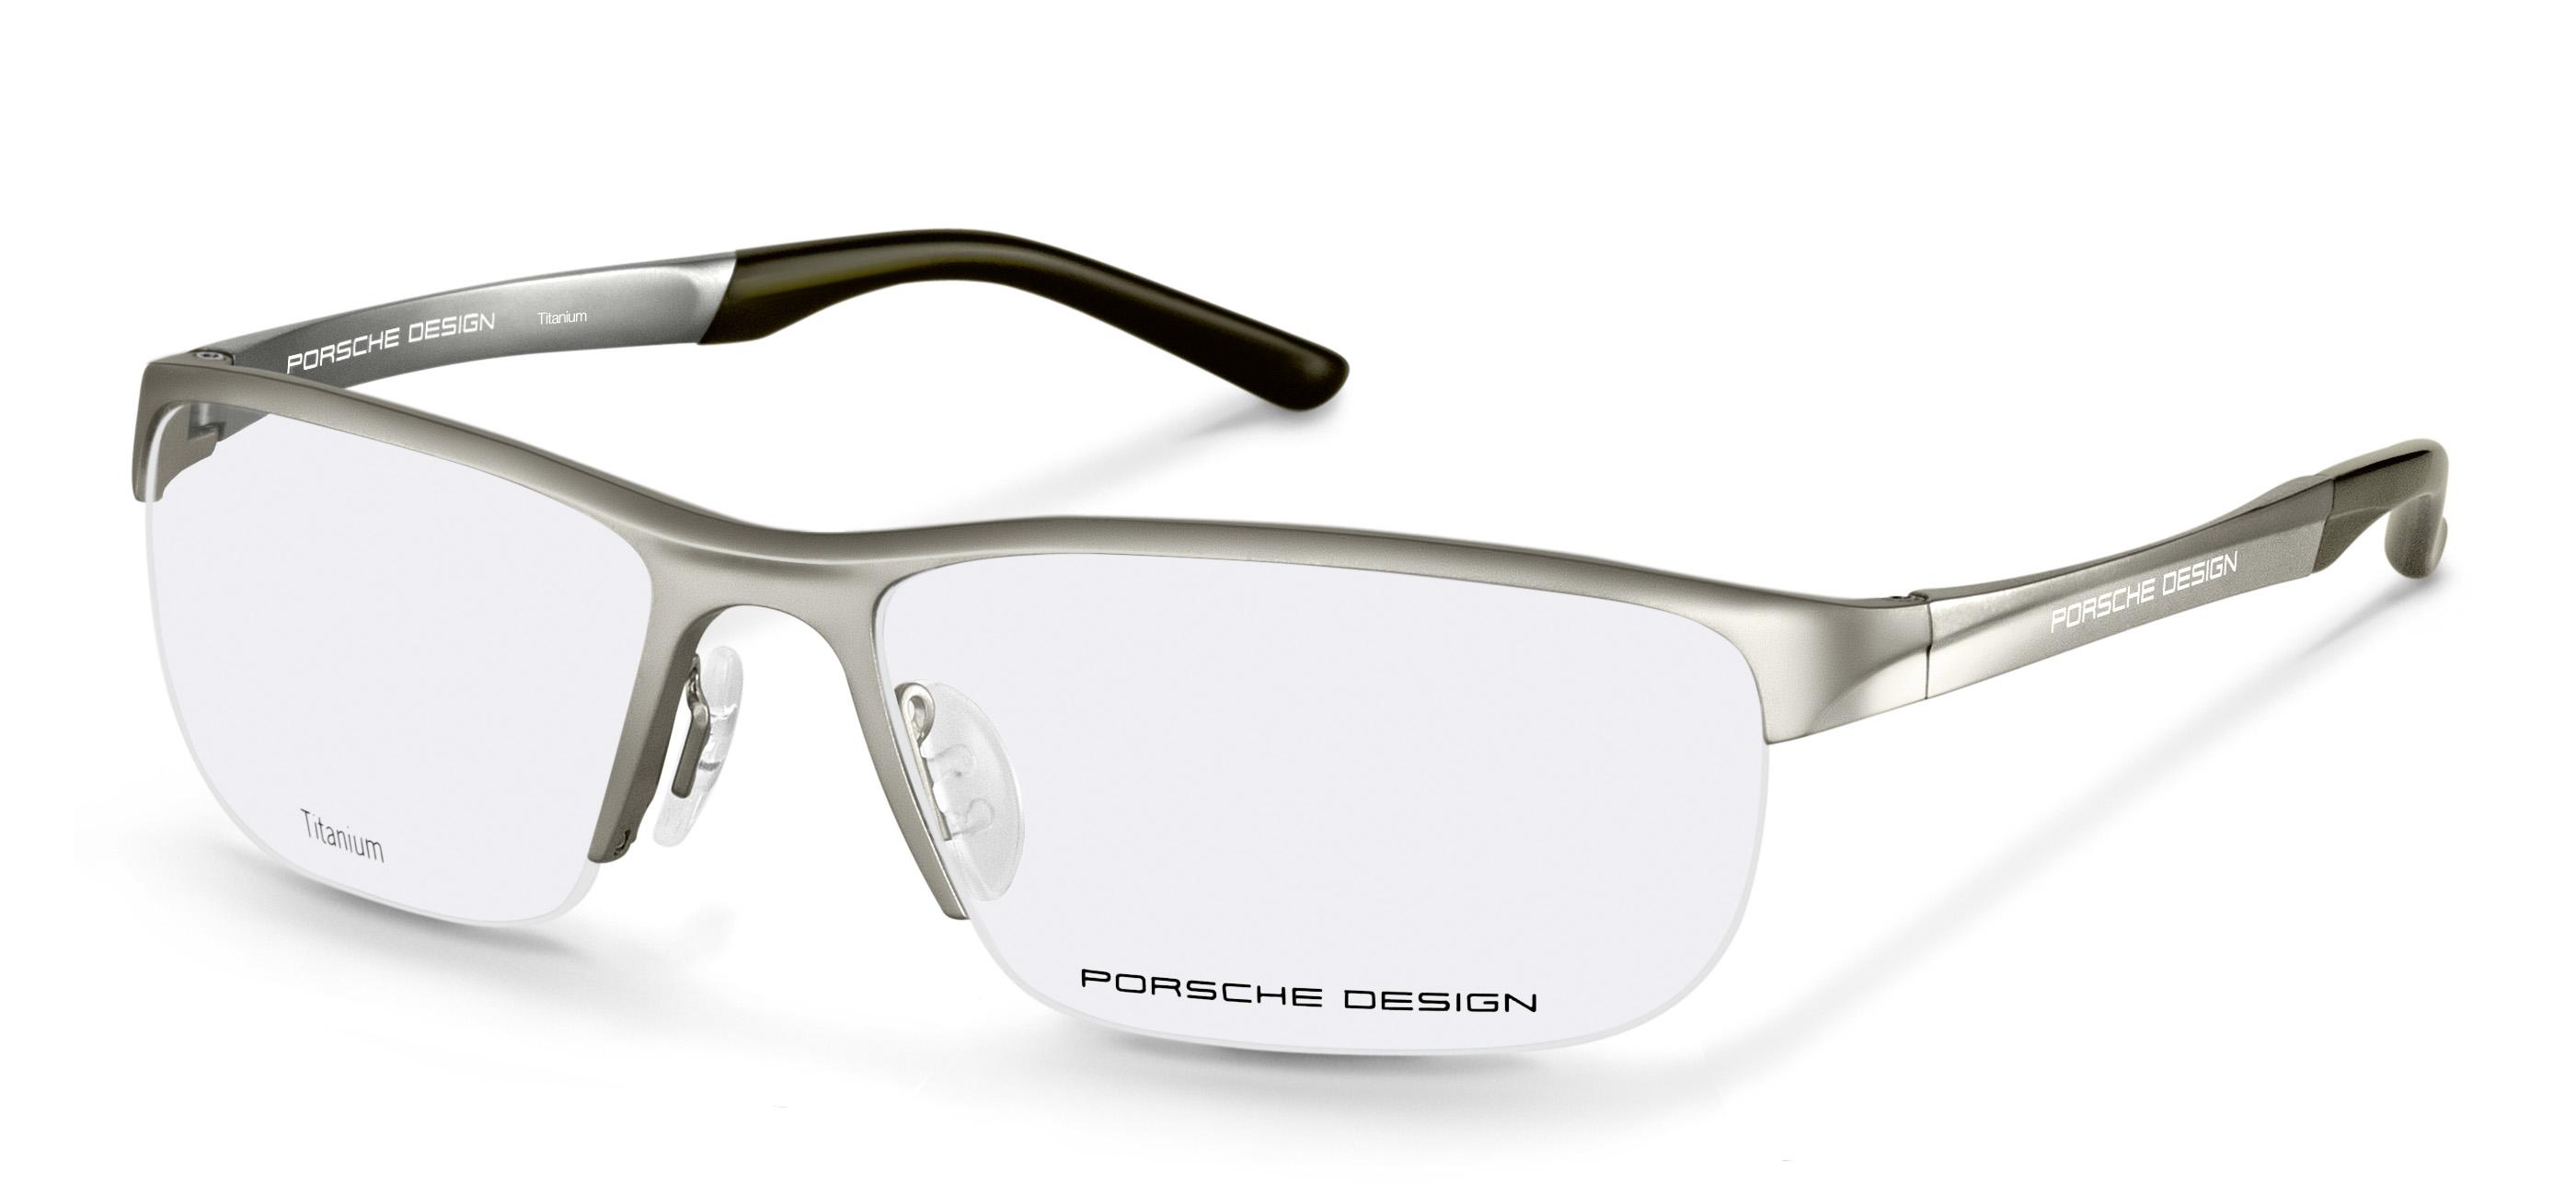 fce17e37ef Porsche - Mark Hurst Opticians